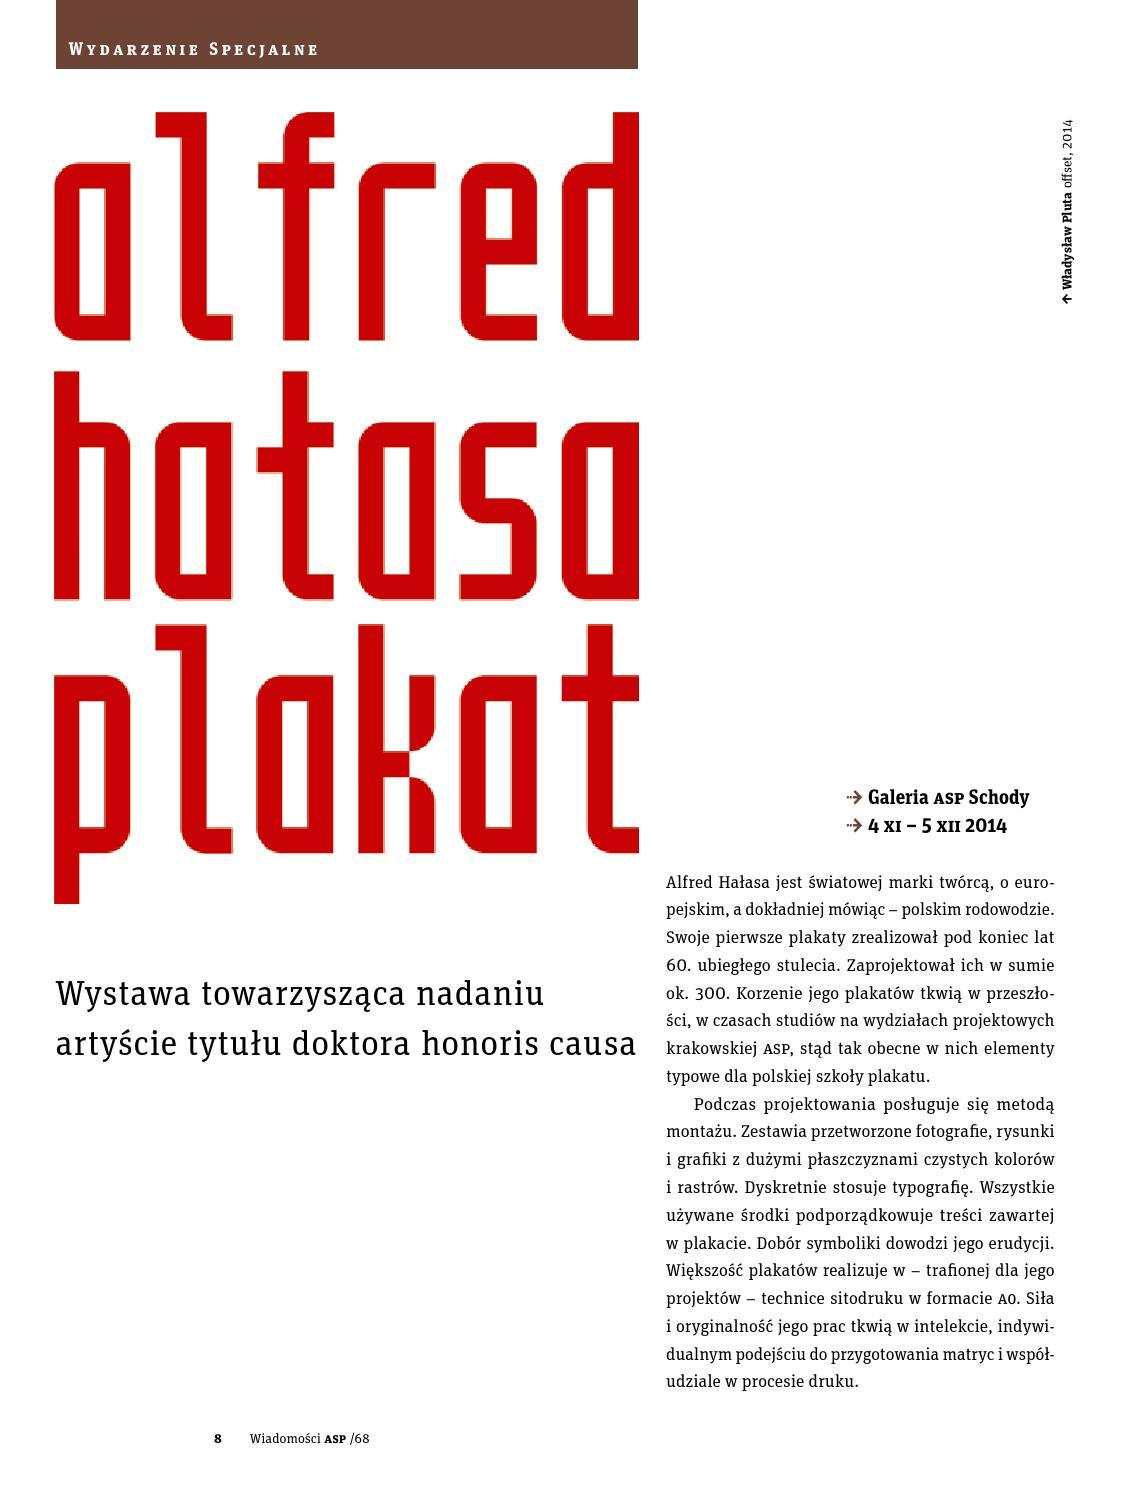 Wiadomości Asp W Krakowie Nr 68 By Wasp Issuu